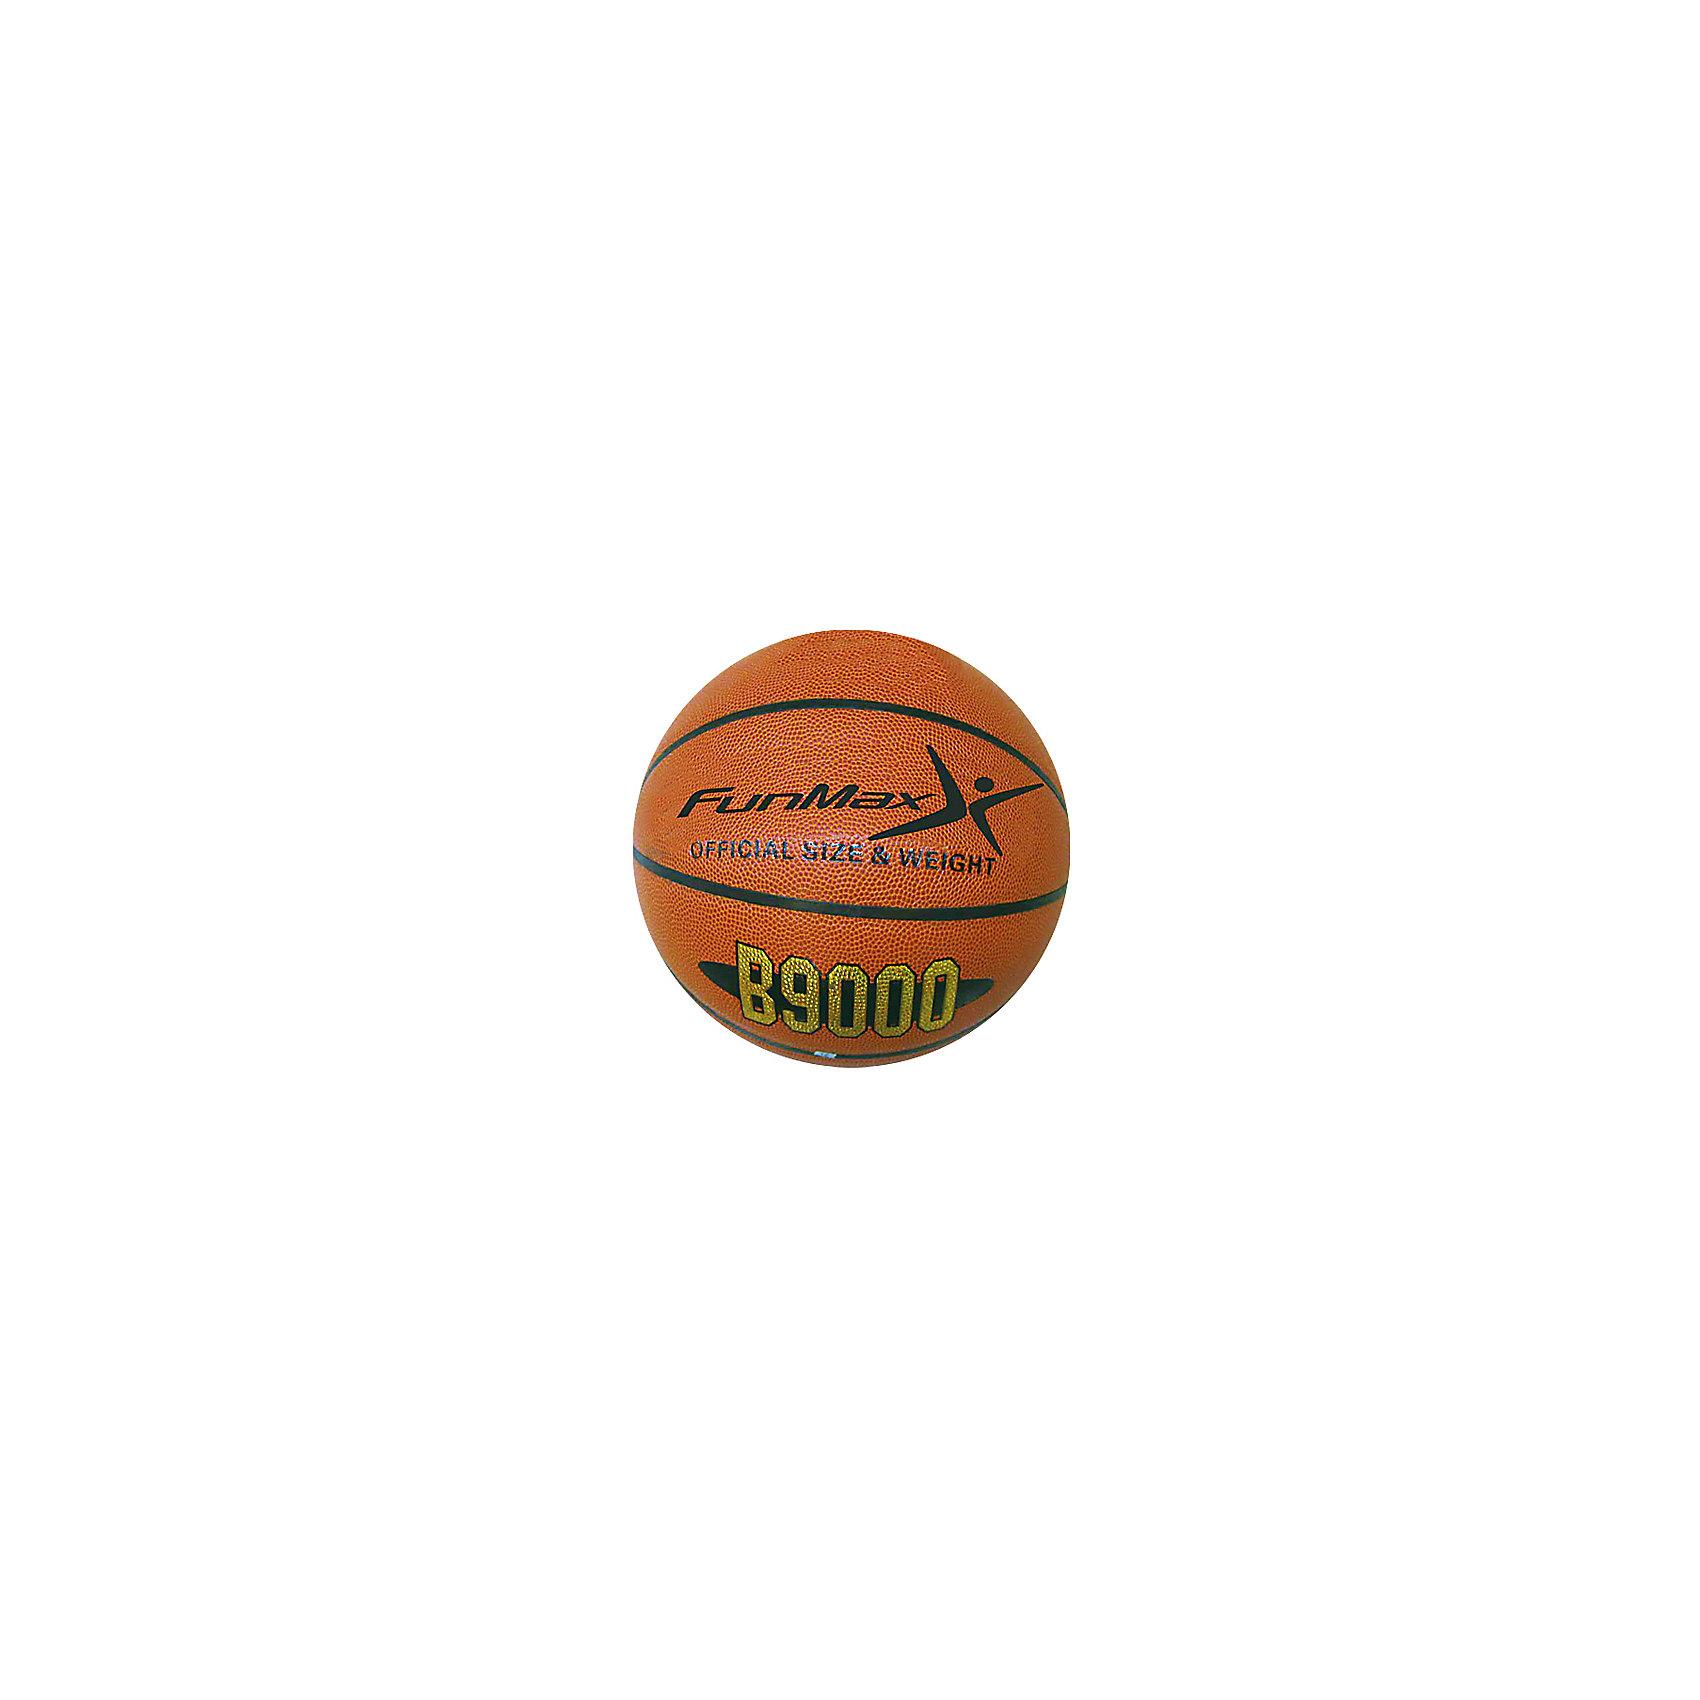 Баскетбольный мяч, FunMaxБаскетбольный мяч, FunMax - этот классический баскетбольный мяч станет прекрасным подарком для вашего мальчика.<br>Баскетбольный мяч, FunMax в комплекте с сеткой предназначен для активных спортивных игр. Мяч имеет размер 7, что является официальным размером мяча для мужского баскетбола. Размер мяча - 7, означает, что он самый крупный из линейки баскетбольных мячей. Мяч обладает привычным для баскетболистов весом 580 грамм, хорошей прыгучестью и прочностью, а также шероховатой поверхностью, которая не дает выскользнуть мячику из рук во время дриблинга. В общем, у него есть все, чтобы успешно приобщить юного спортсмена к одной из самых популярных командных игр в мире.<br><br>Дополнительная информация:<br><br>- Цвет: коричневый, черный<br>- Материал: ПВХ<br>- Упаковка: пакет<br>- Размер: 7<br>- Вес: 580 гр.<br><br>Баскетбольный мяч, FunMax можно купить в нашем интернет-магазине.<br><br>Ширина мм: 150<br>Глубина мм: 150<br>Высота мм: 100<br>Вес г: 696<br>Возраст от месяцев: 60<br>Возраст до месяцев: 120<br>Пол: Унисекс<br>Возраст: Детский<br>SKU: 4655157